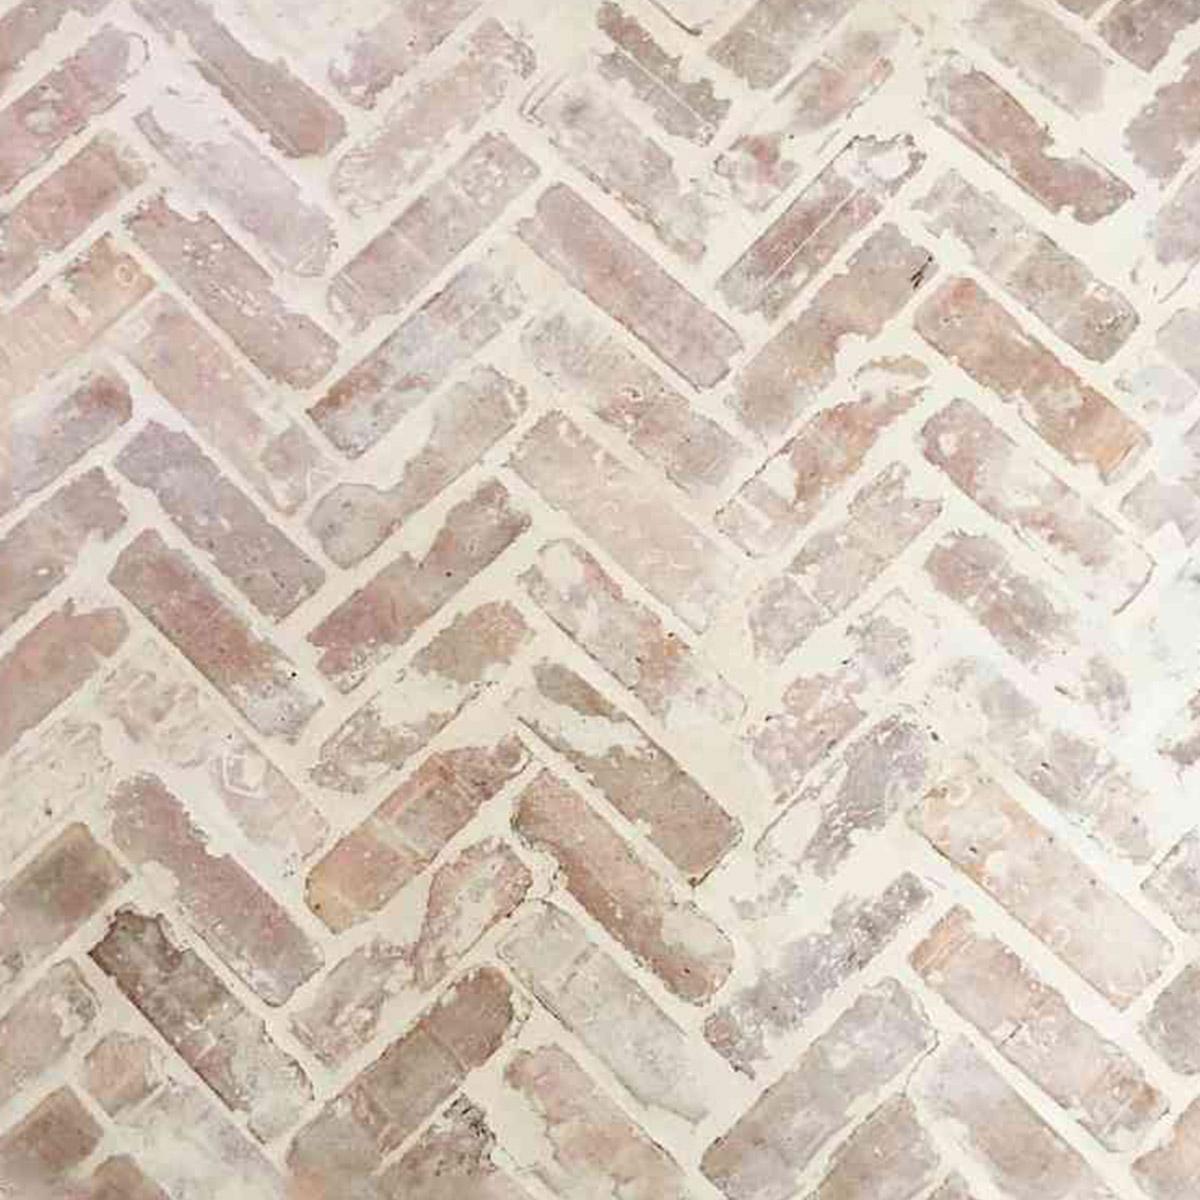 Recycled Brick - Brooklyn - Herringbone - over grout - Stone3 Brisbane